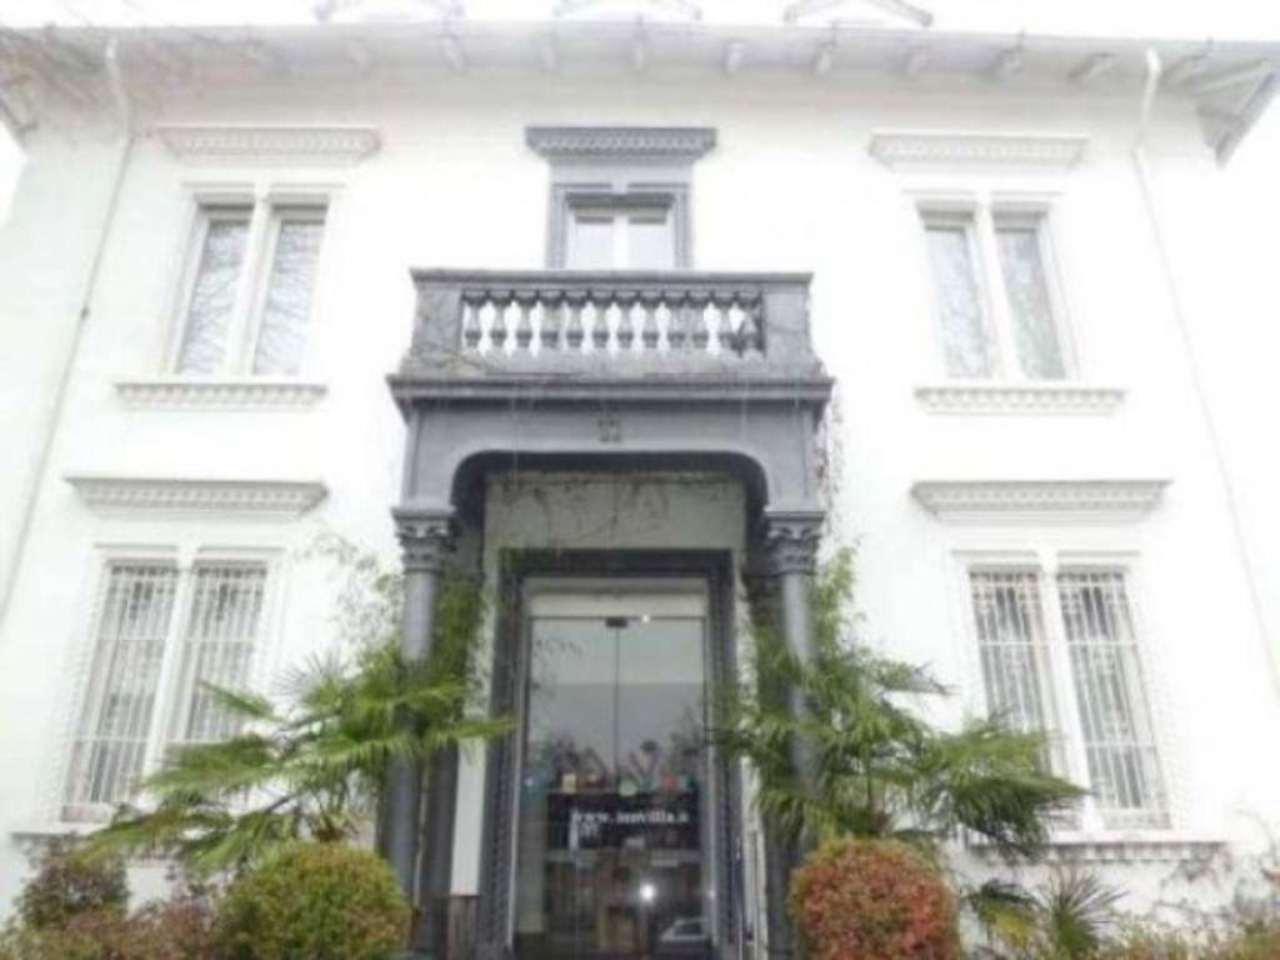 Cagliani immobili di prestigio a milano casa for Milano immobili di prestigio